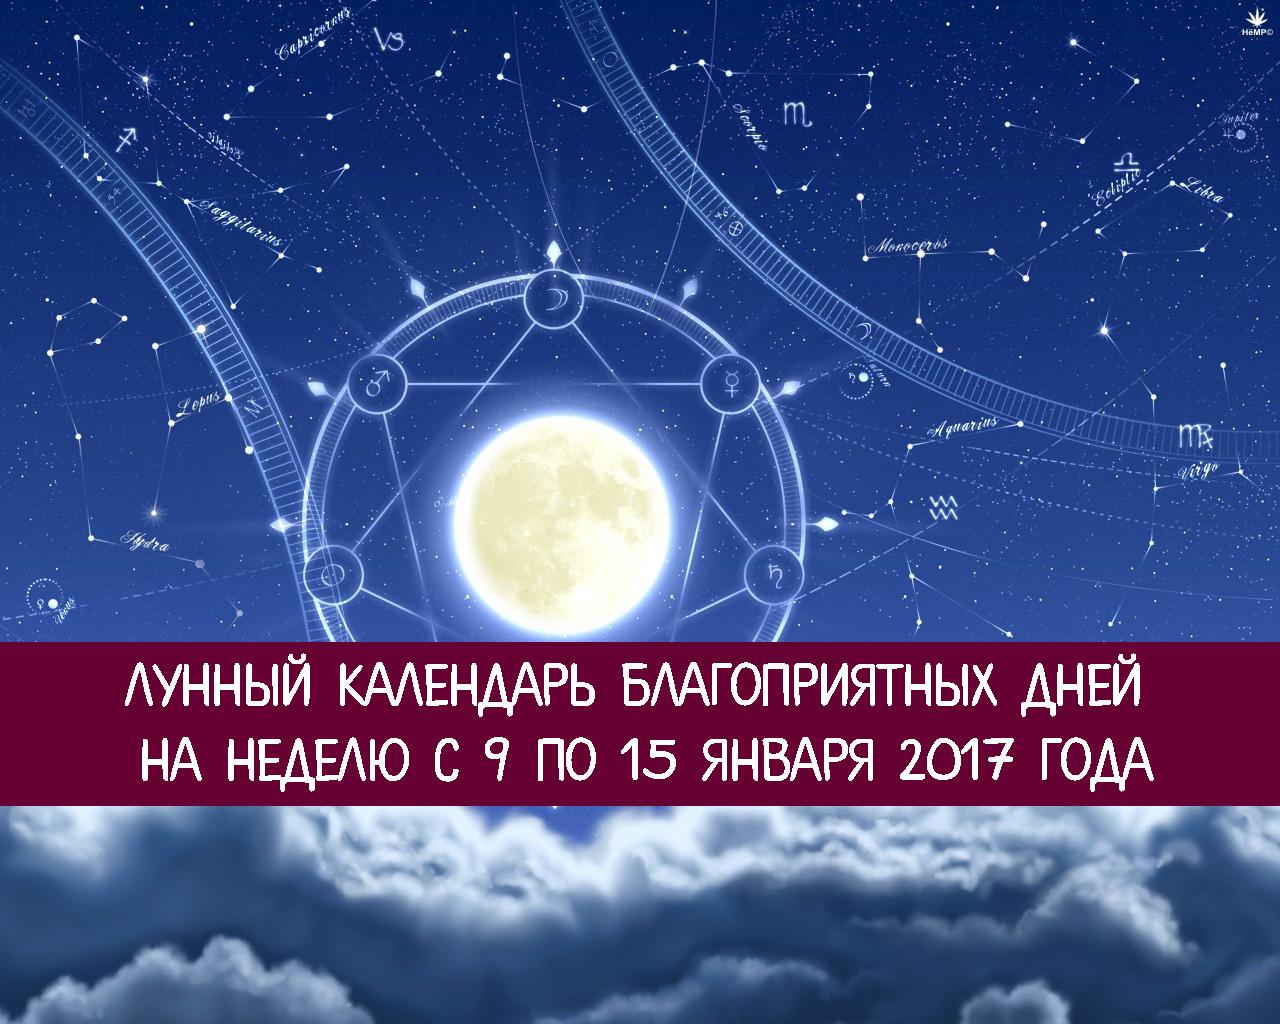 Водолей лунный календарь благоприятные дни